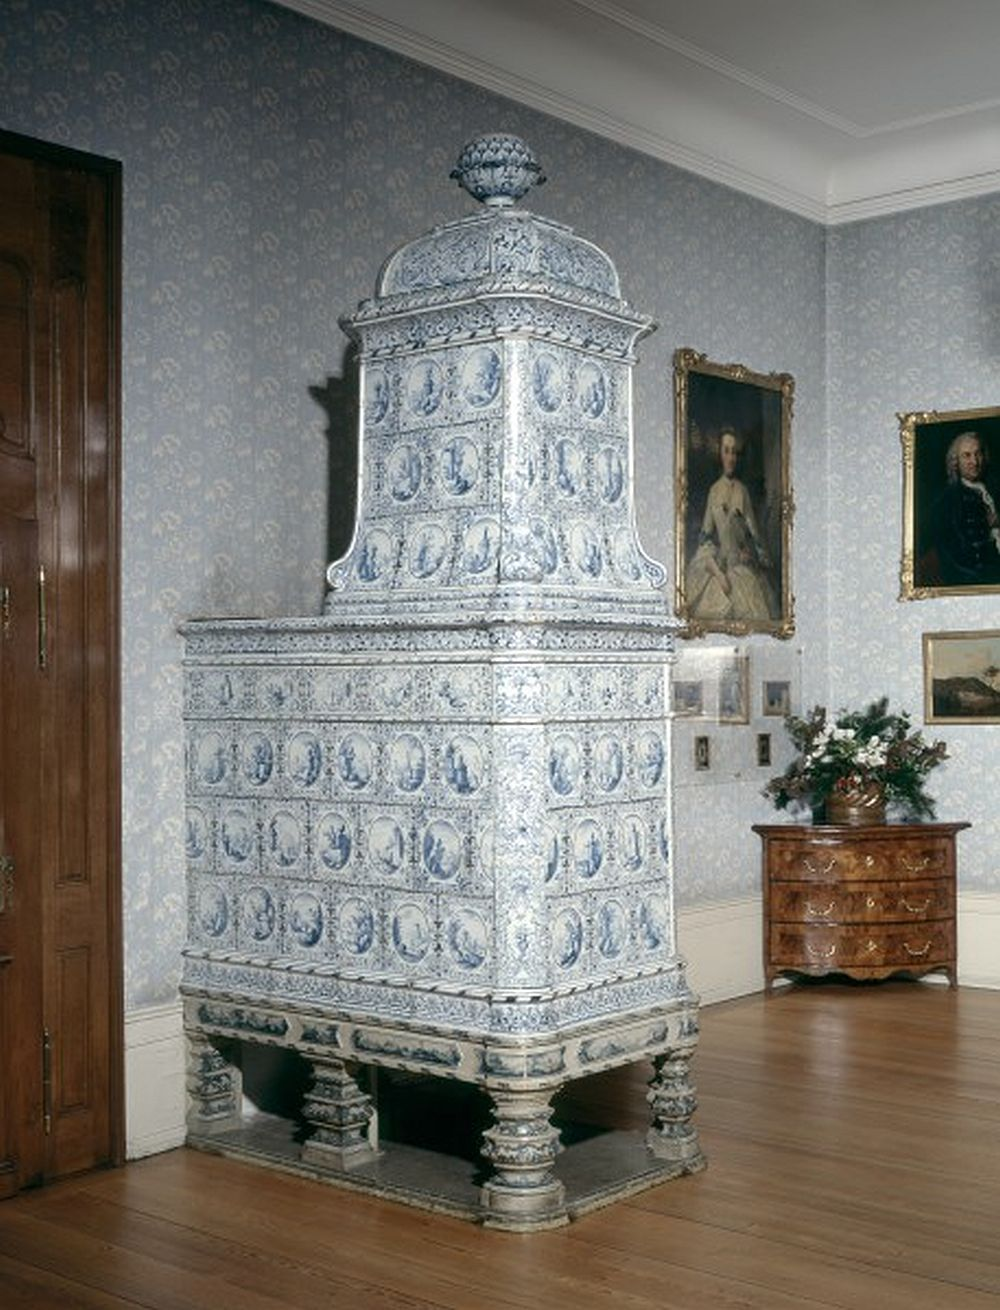 Semnată și datată 1759 soba a fost făcută la Zurich de către Leonhard Locher. Este din faianță pictată. Măsoară 315 cm înălțime, 93 cm lățime și 144 cm adâncime. Museum für Wohnkultur